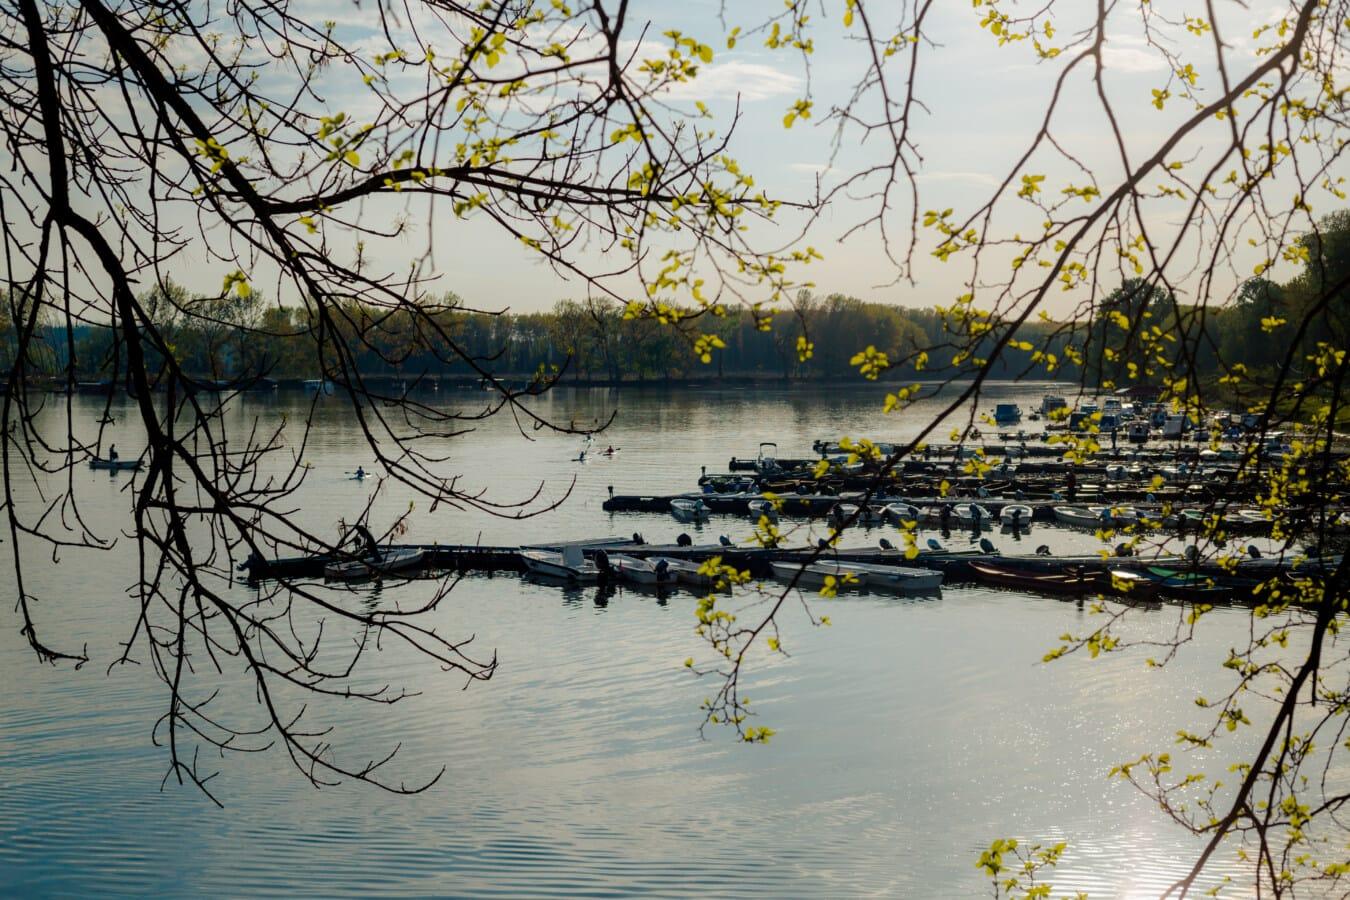 branches, au bord du lac, port, bateaux, bateau à moteur, eau, arbre, Hiver, nature, paysage